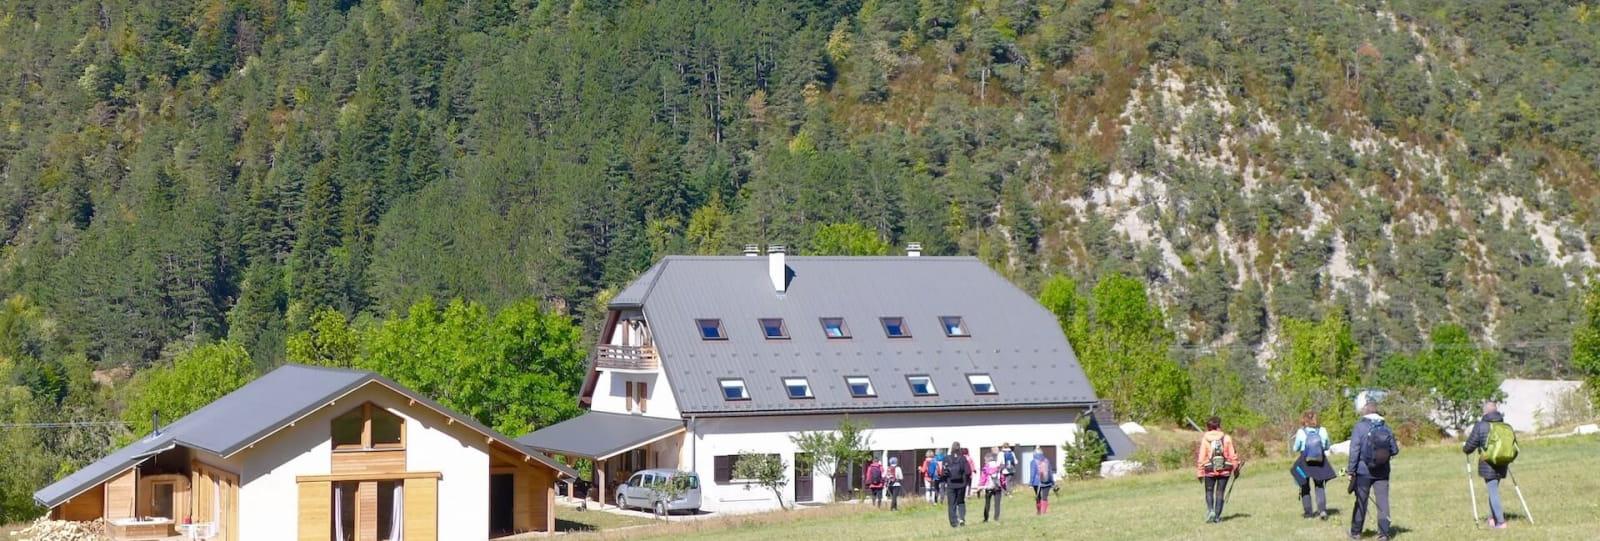 La Jarjatte stop-over lodging - Valgabondage